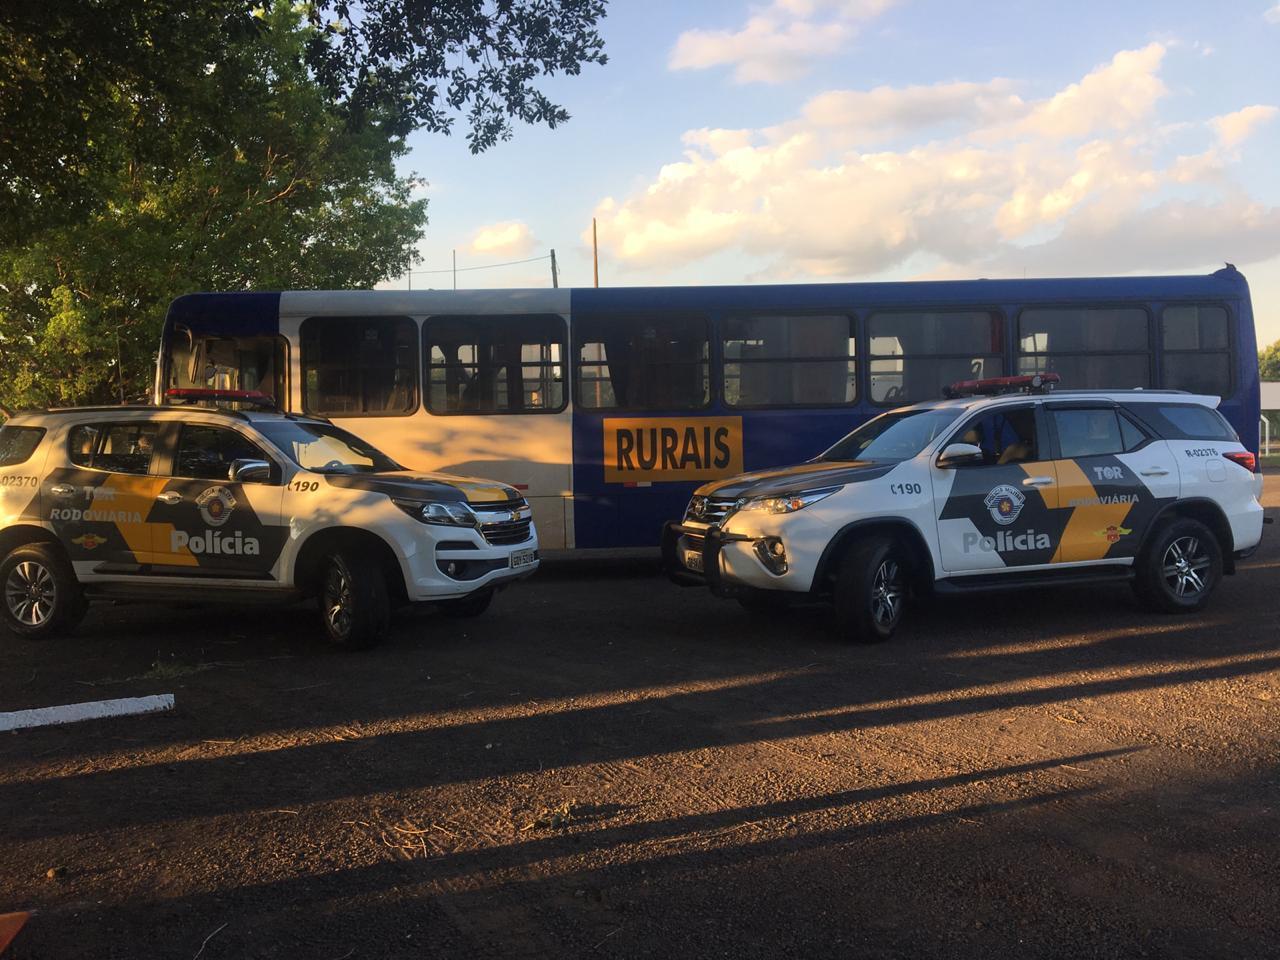 Polícia Rodoviária apreende grande quantidade de maconha em ônibus rural em Assis